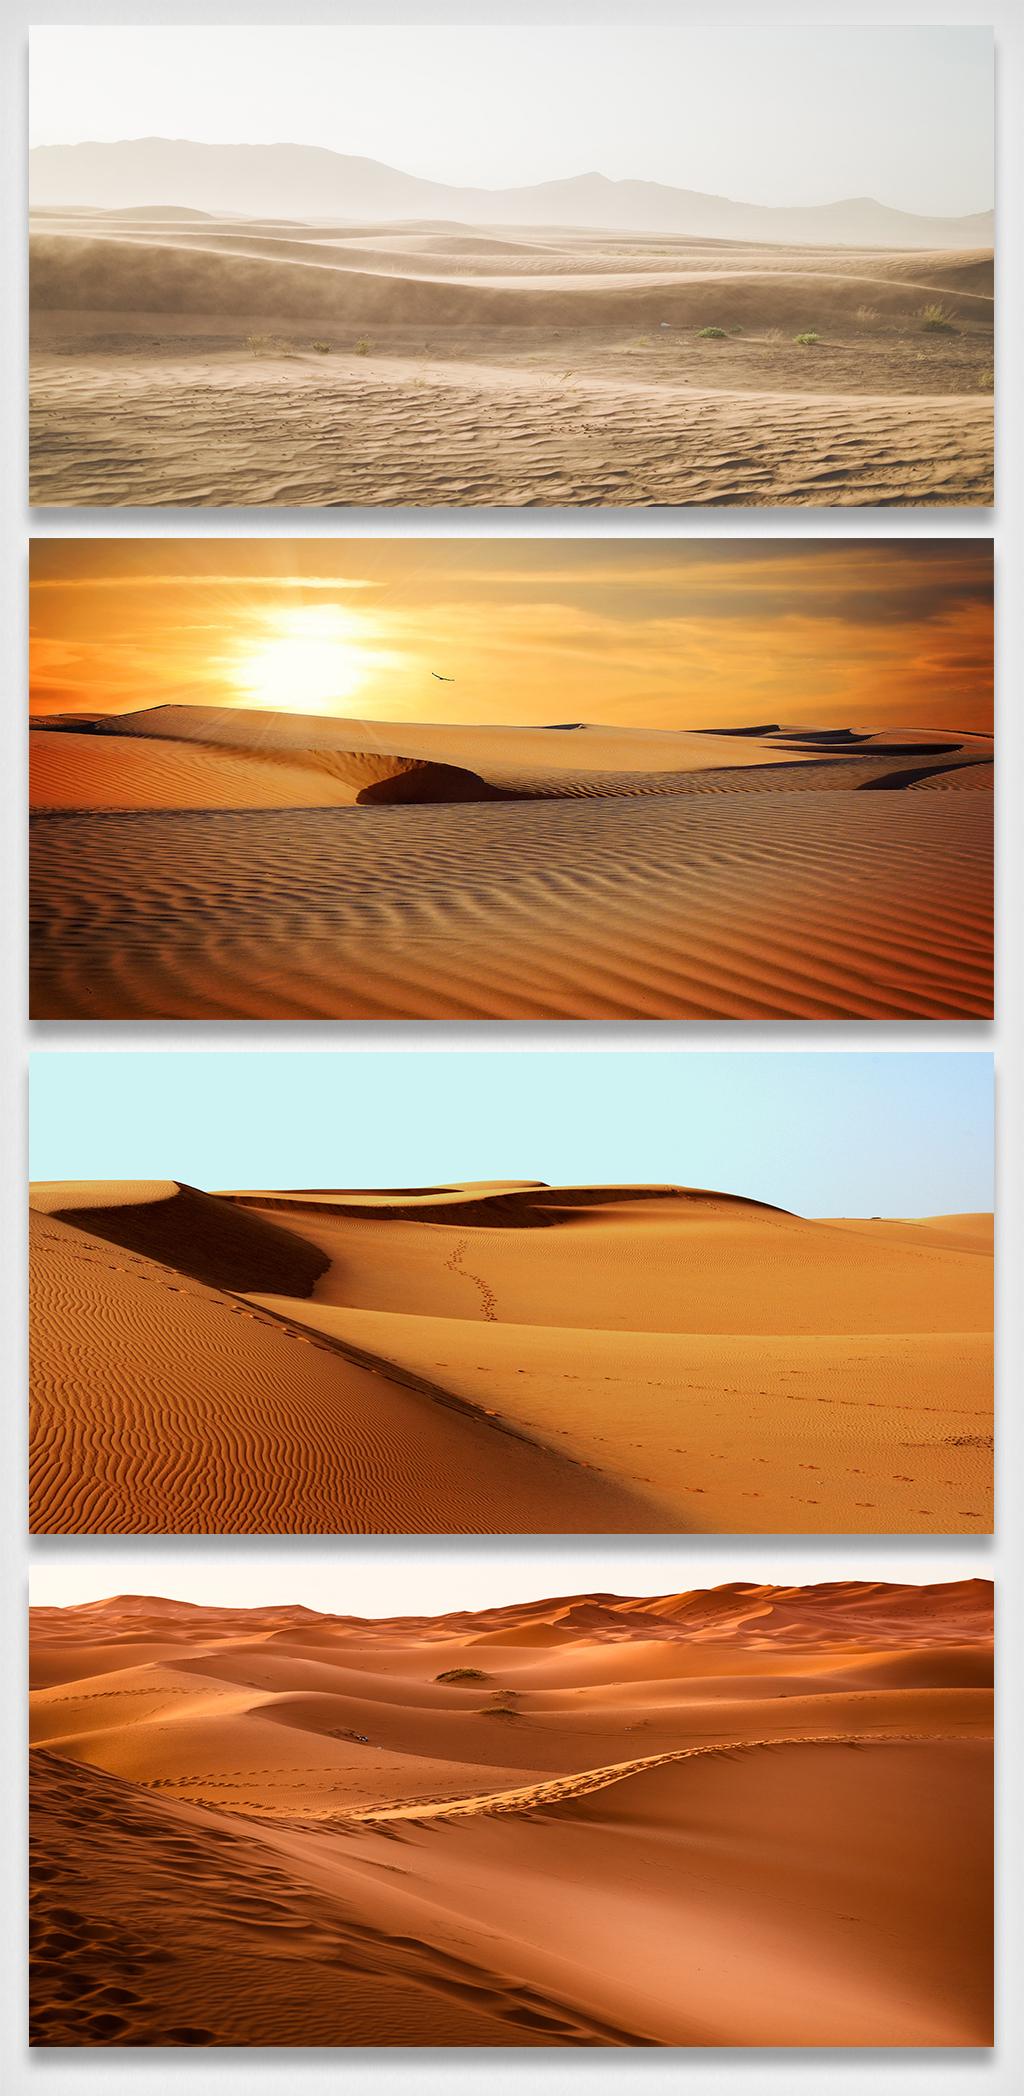 手机用图 创意配图 自然风景 > 大自然山水风景背景图   图片编号